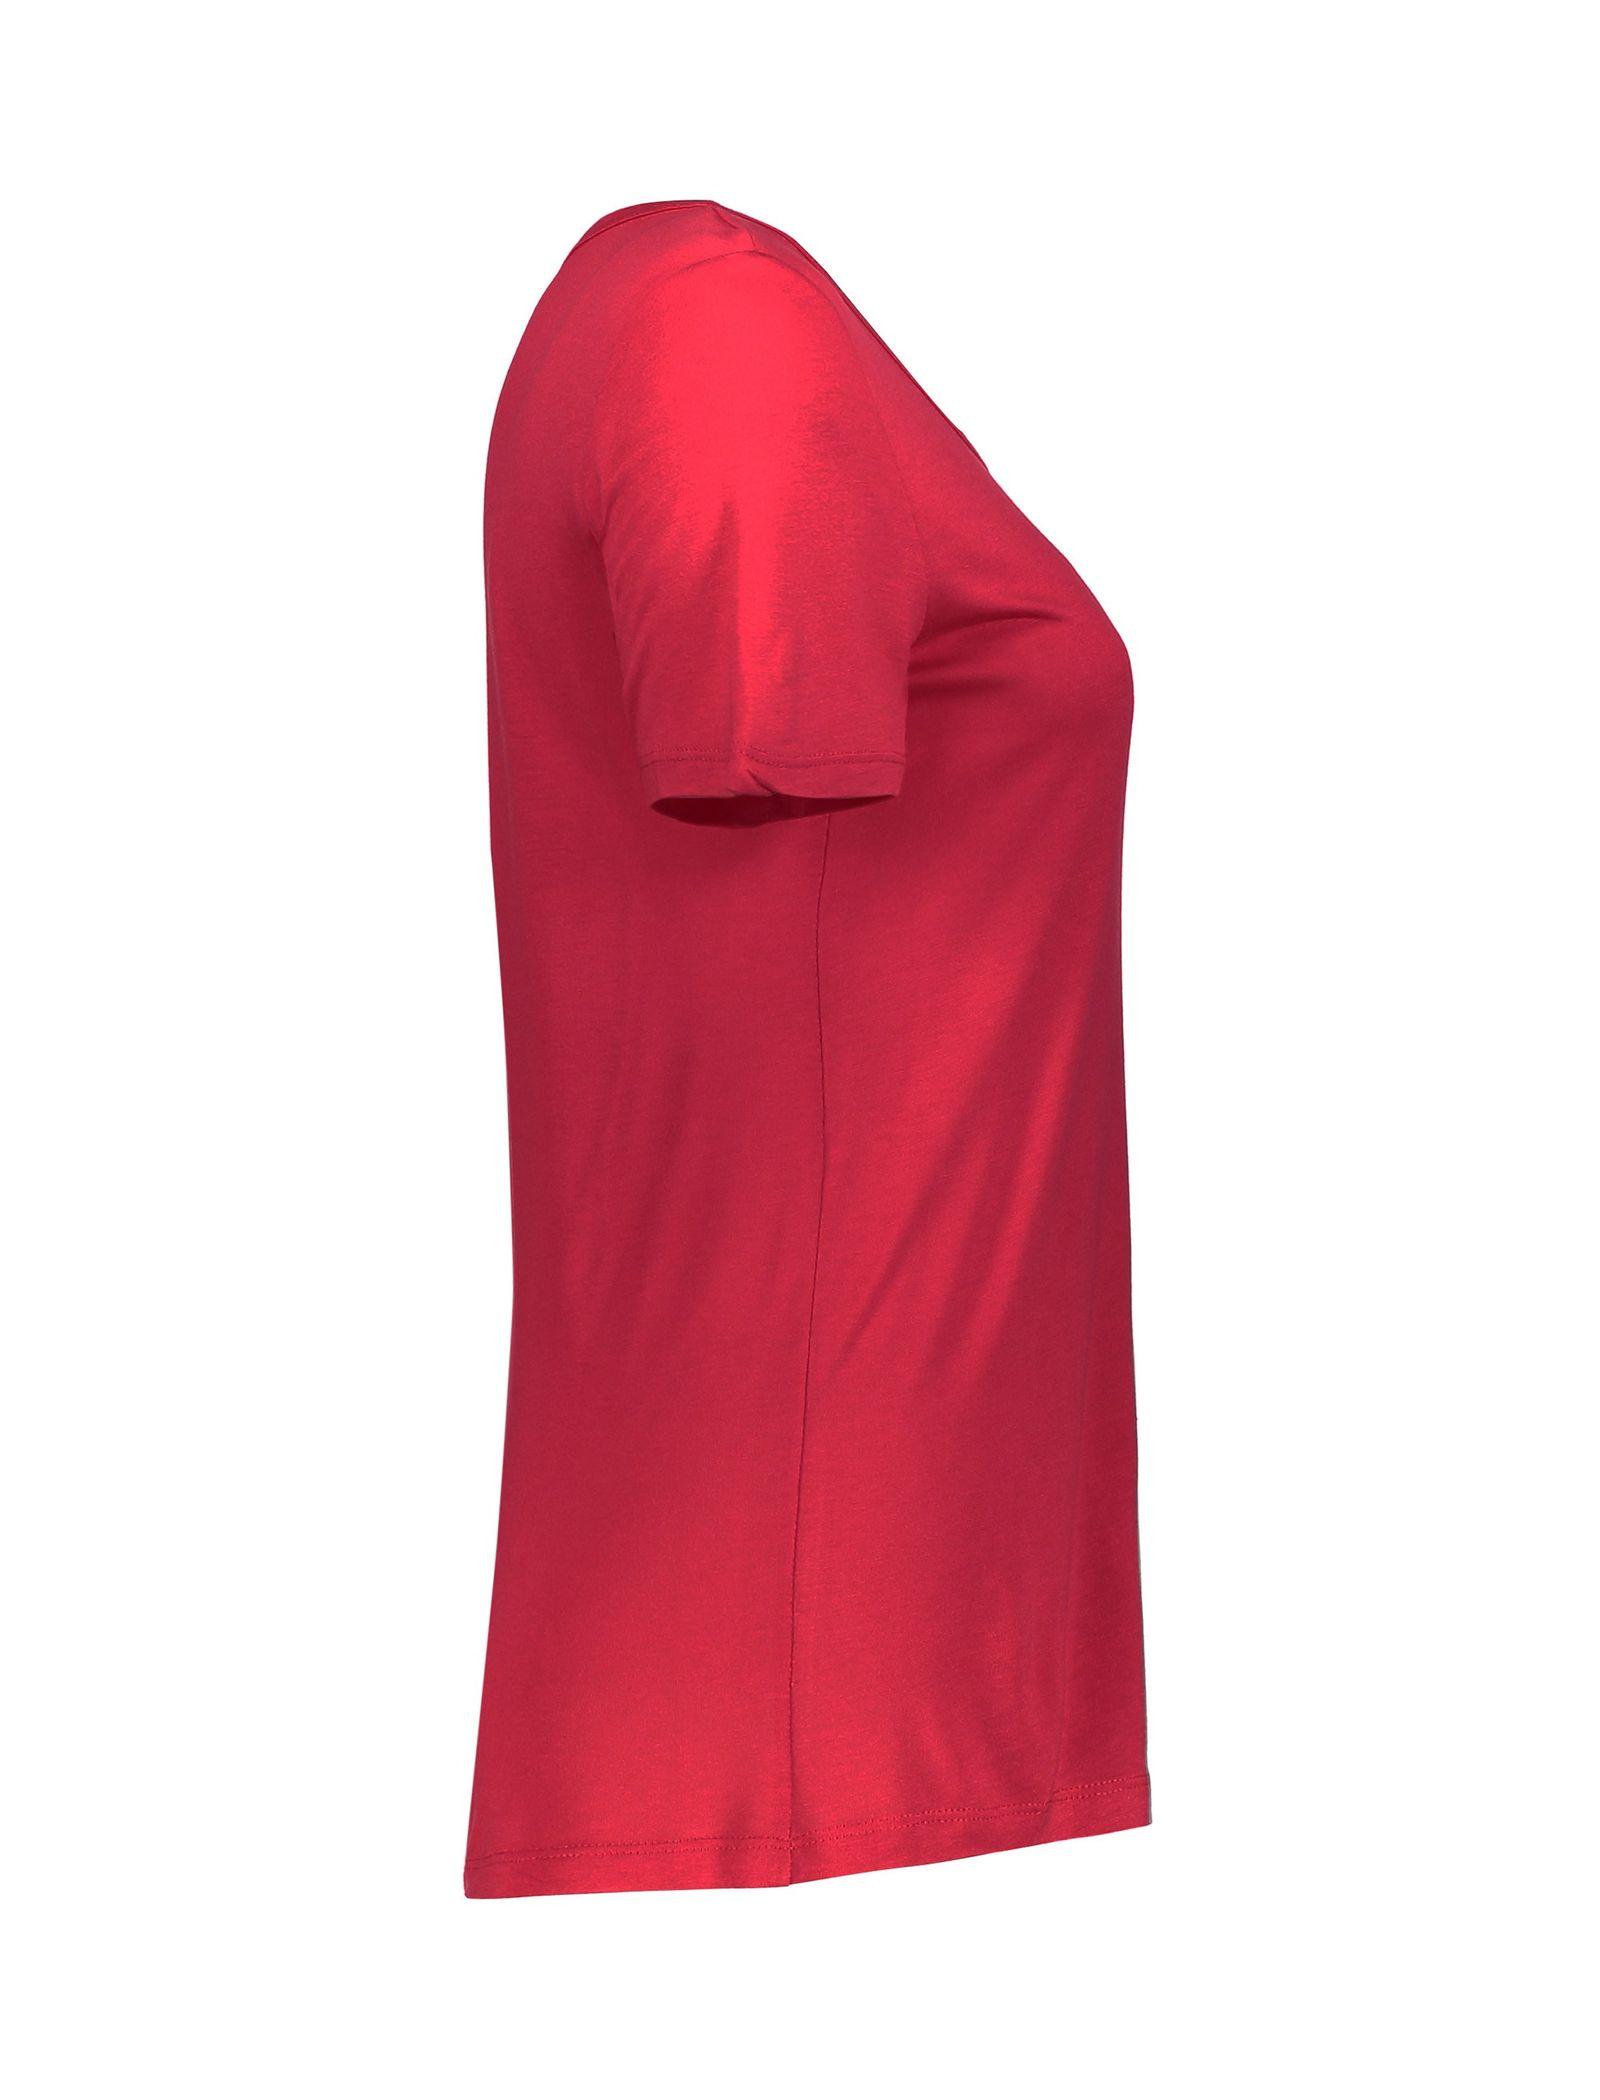 تی شرت ویسکوز یقه گرد زنانه - ال سی وایکیکی - قرمز - 3